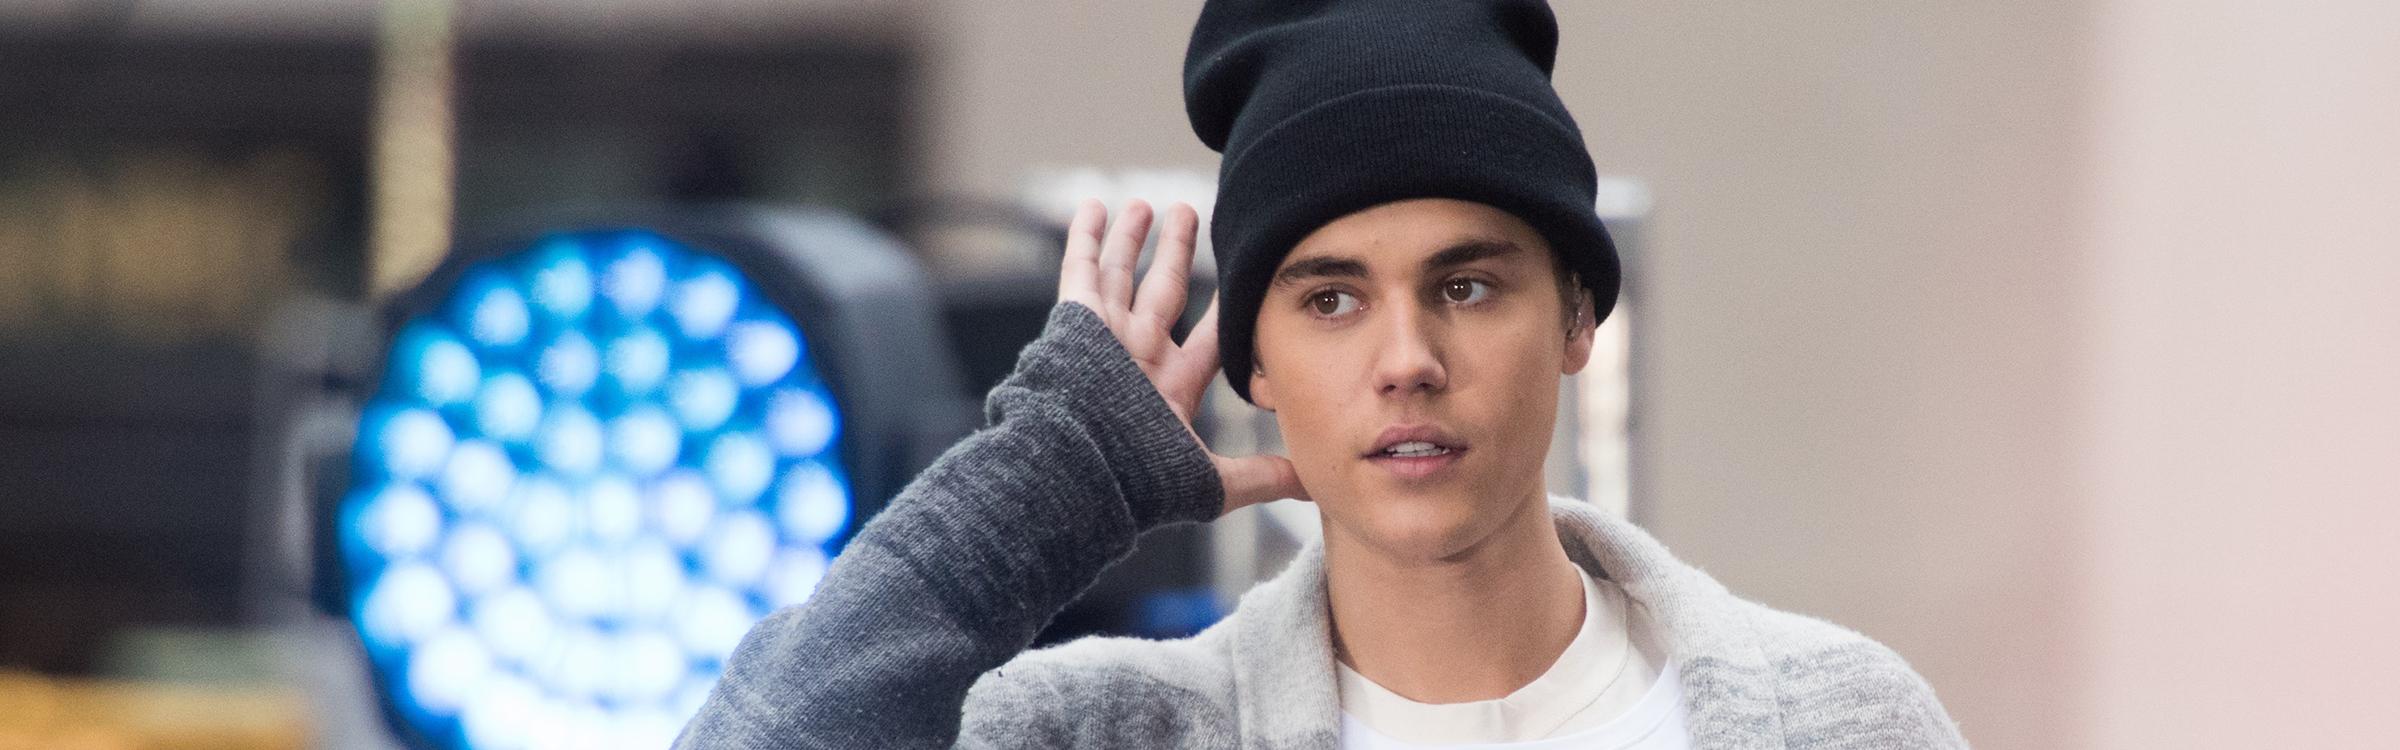 Justinbieber32 header